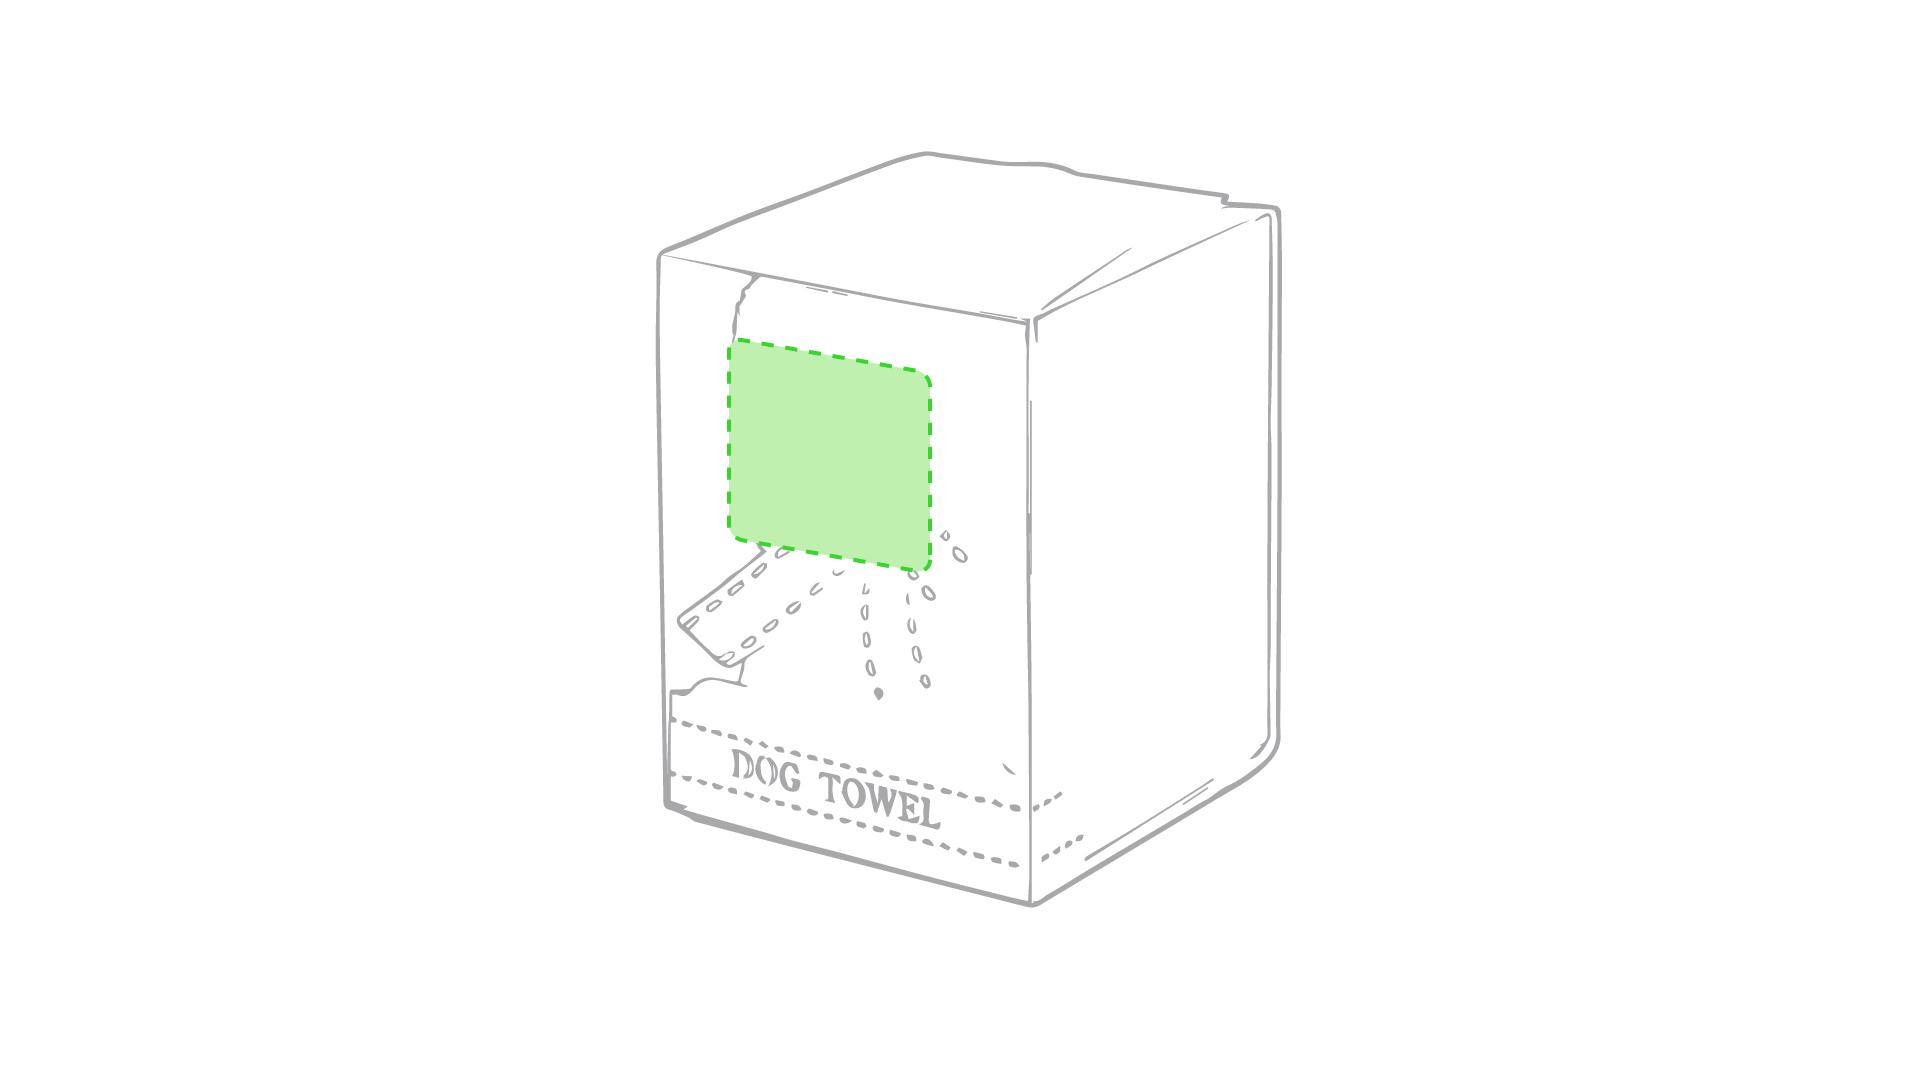 En el frente de la caja